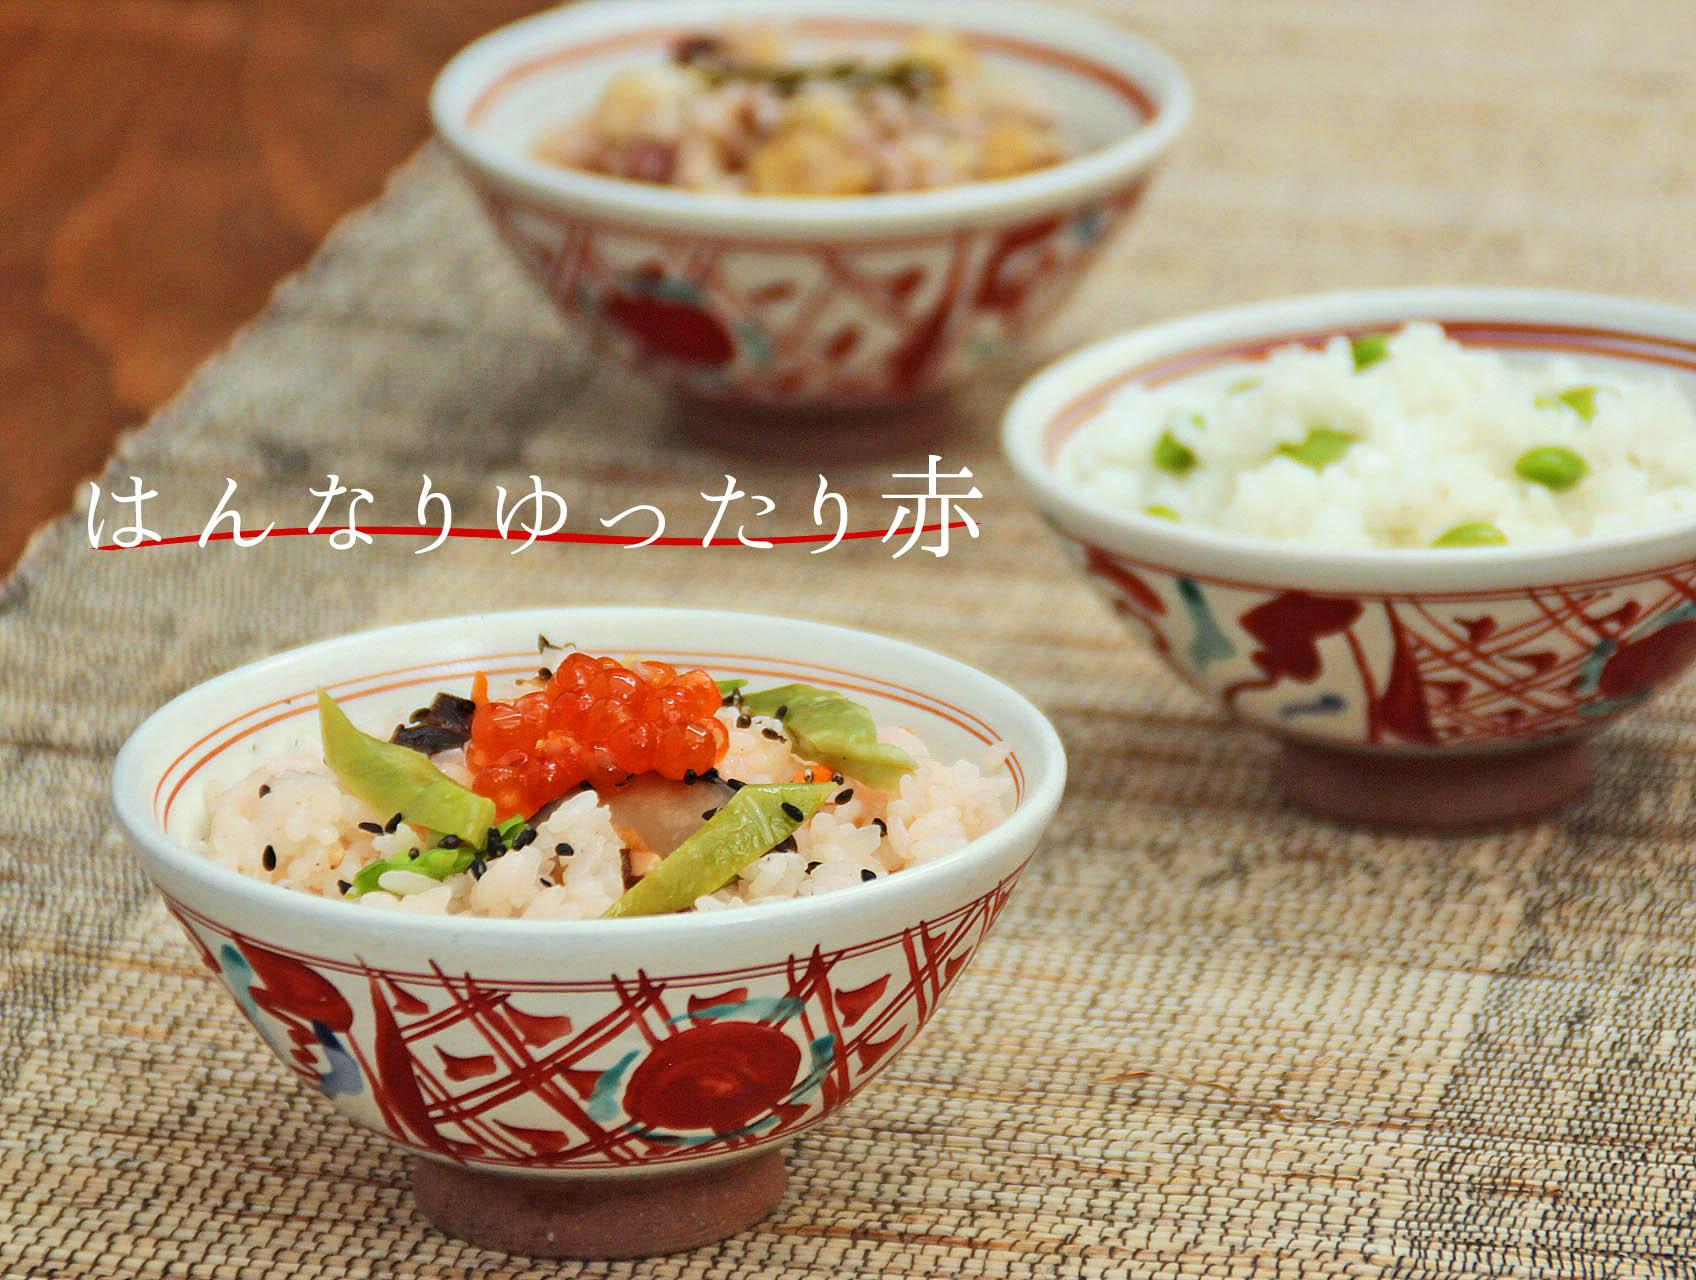 赤絵福ご飯茶碗